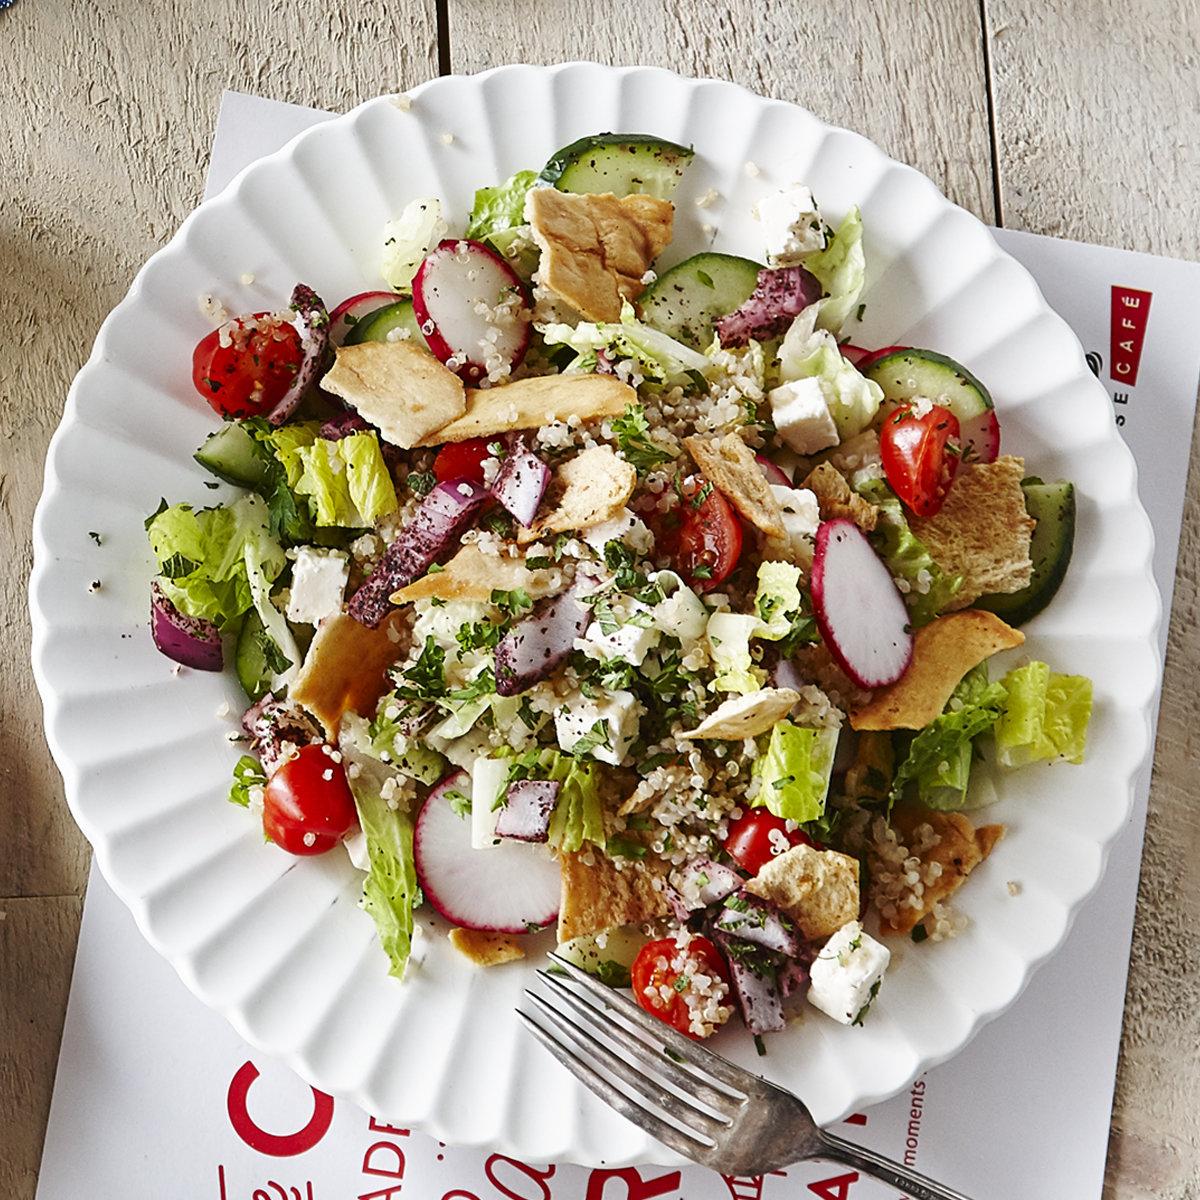 Quinoa-Fattoush Salad - Single serving